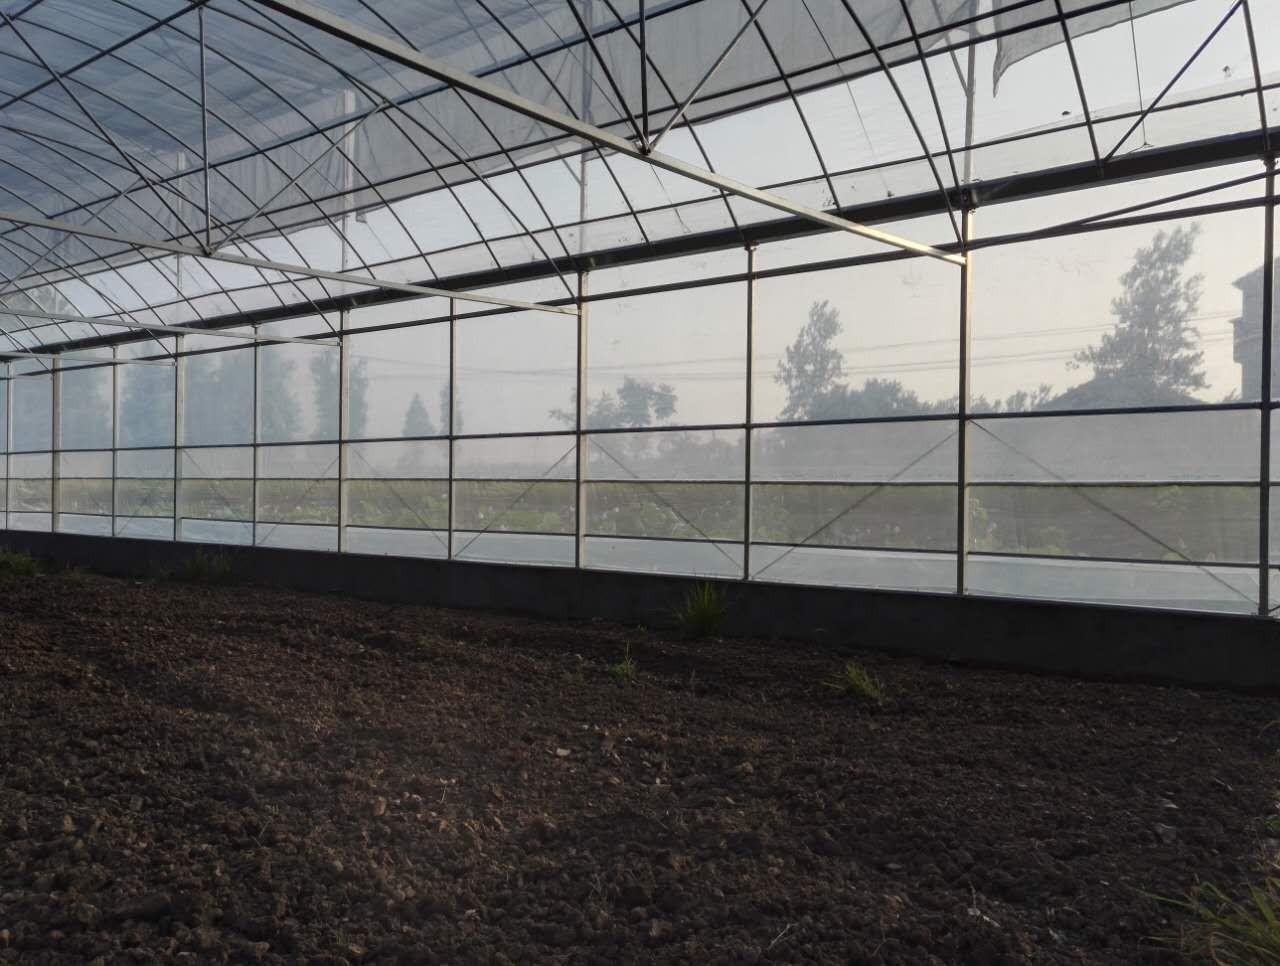 薄膜温室大棚的建造要注意的问题